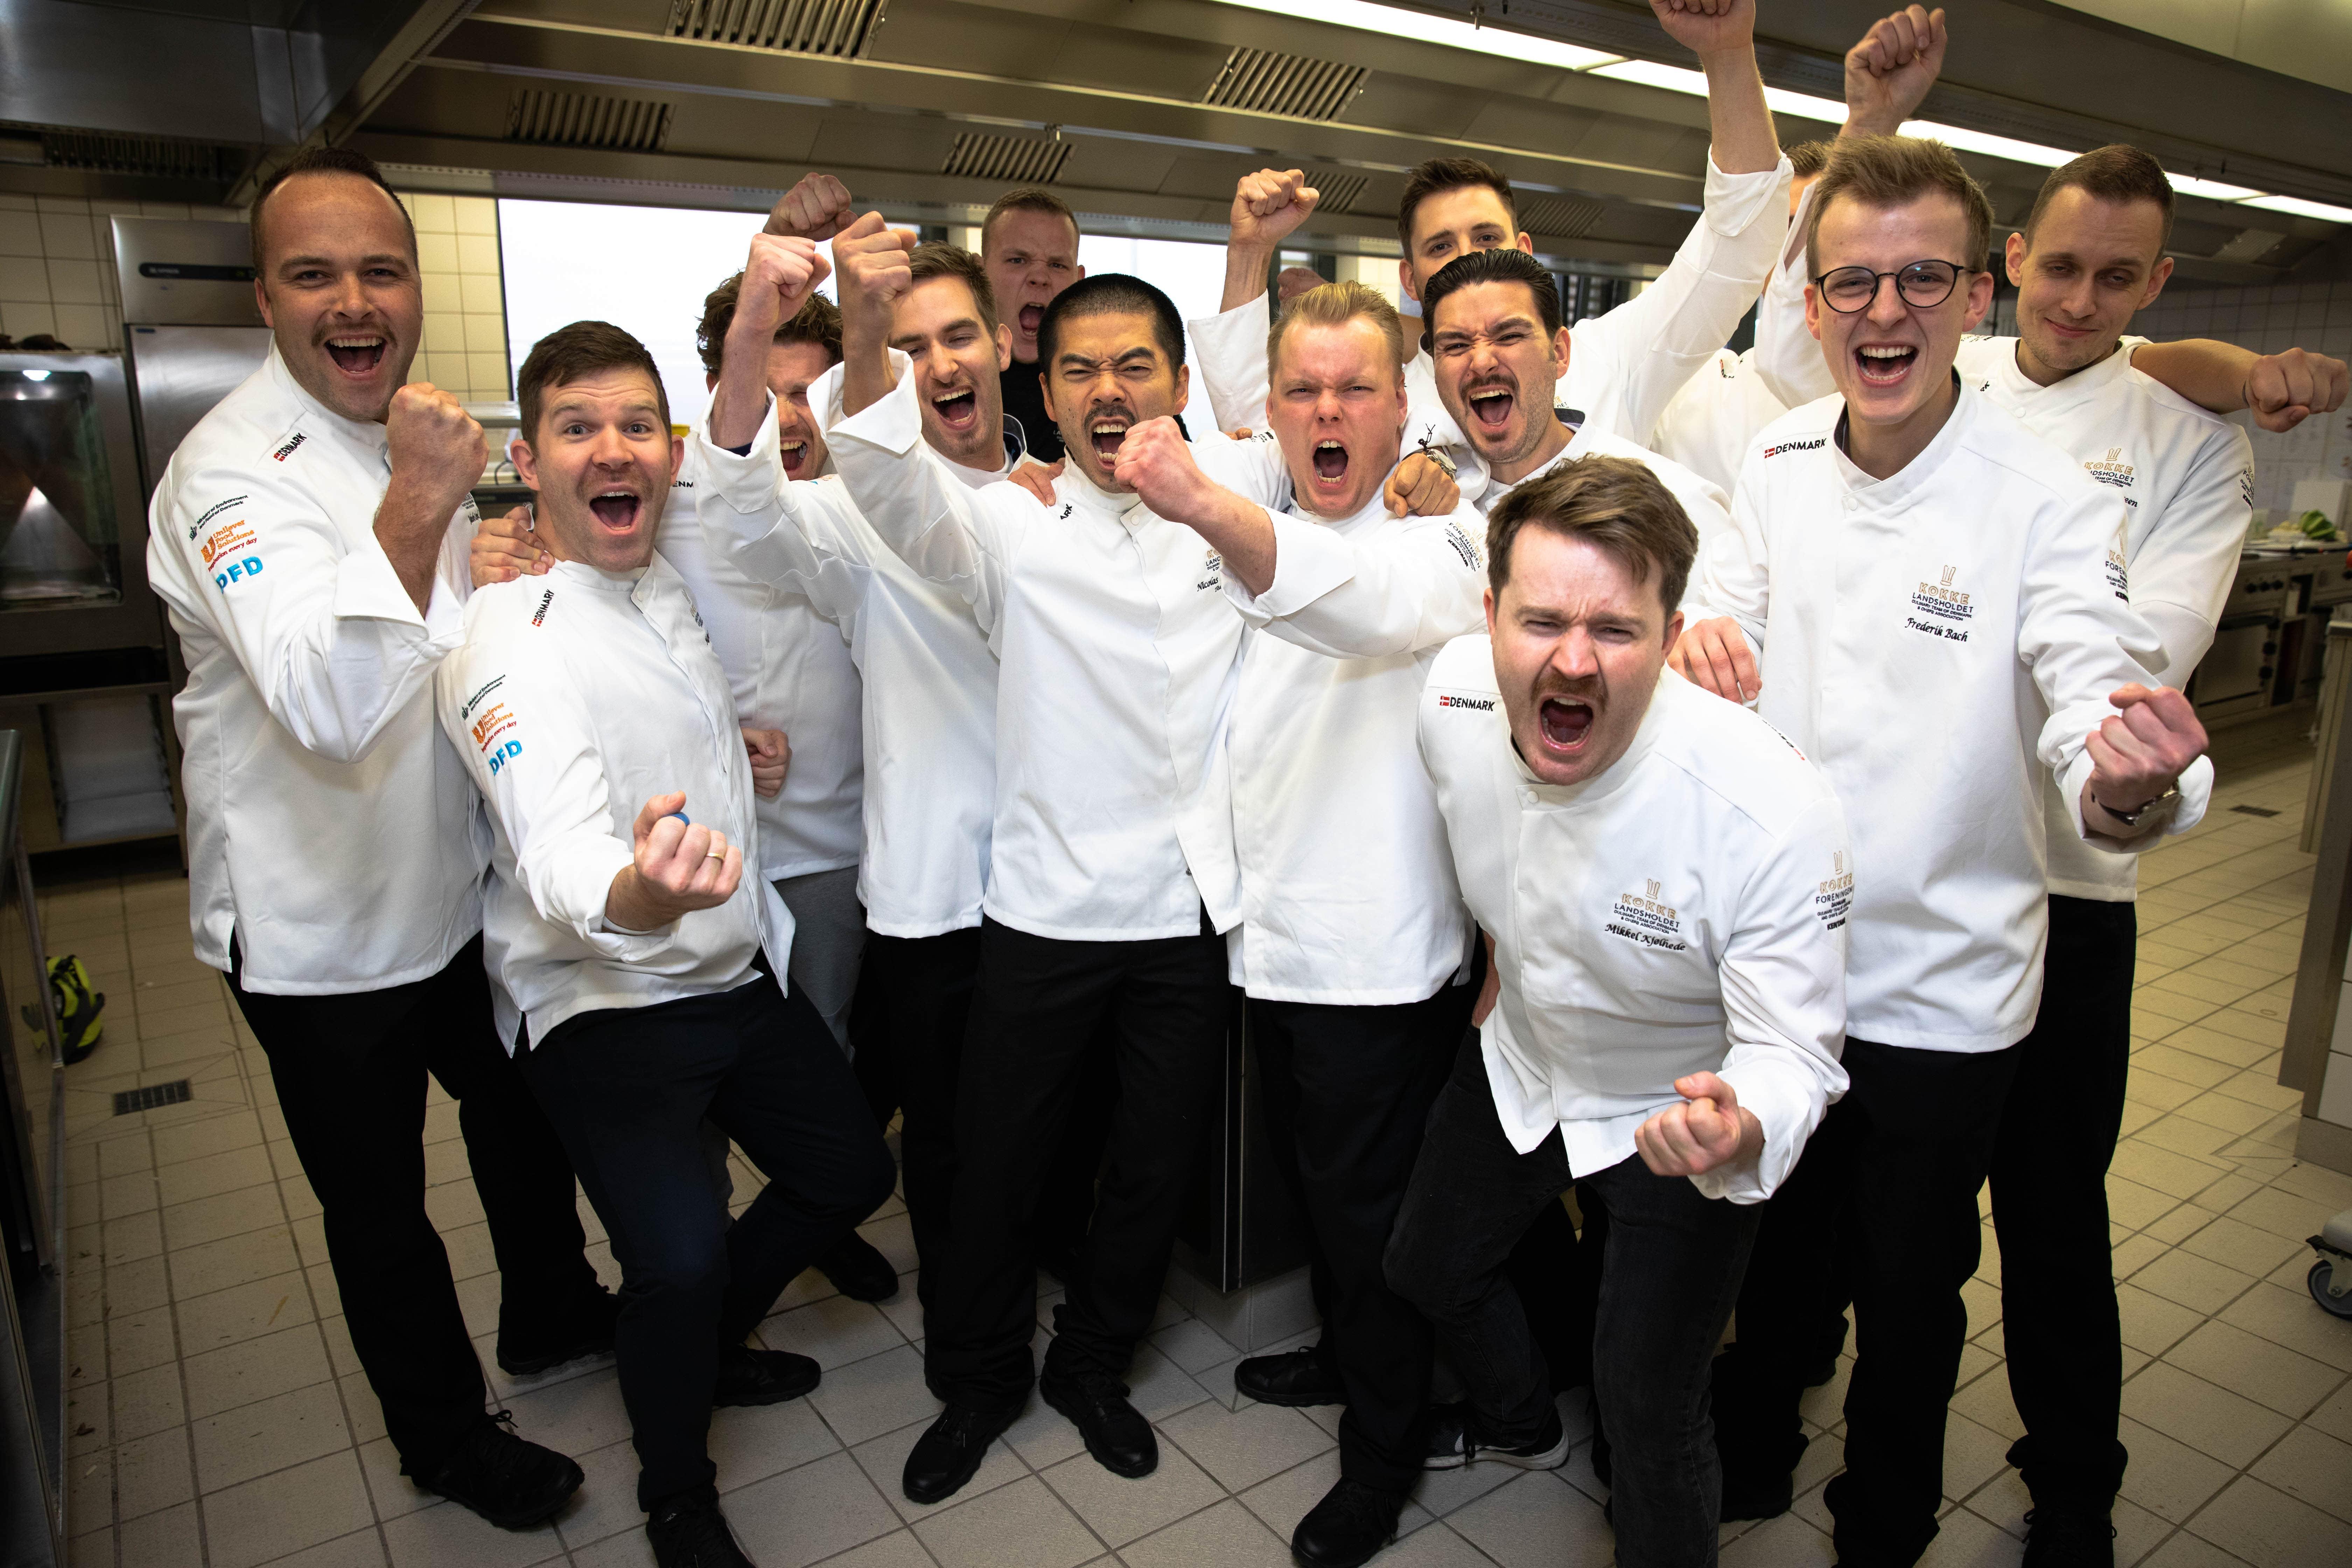 """KOKKELANDSHOLDET (senior) vinder VM Guld 2018 for deres """"varme køkken"""". Foto : Anders Wiuff"""